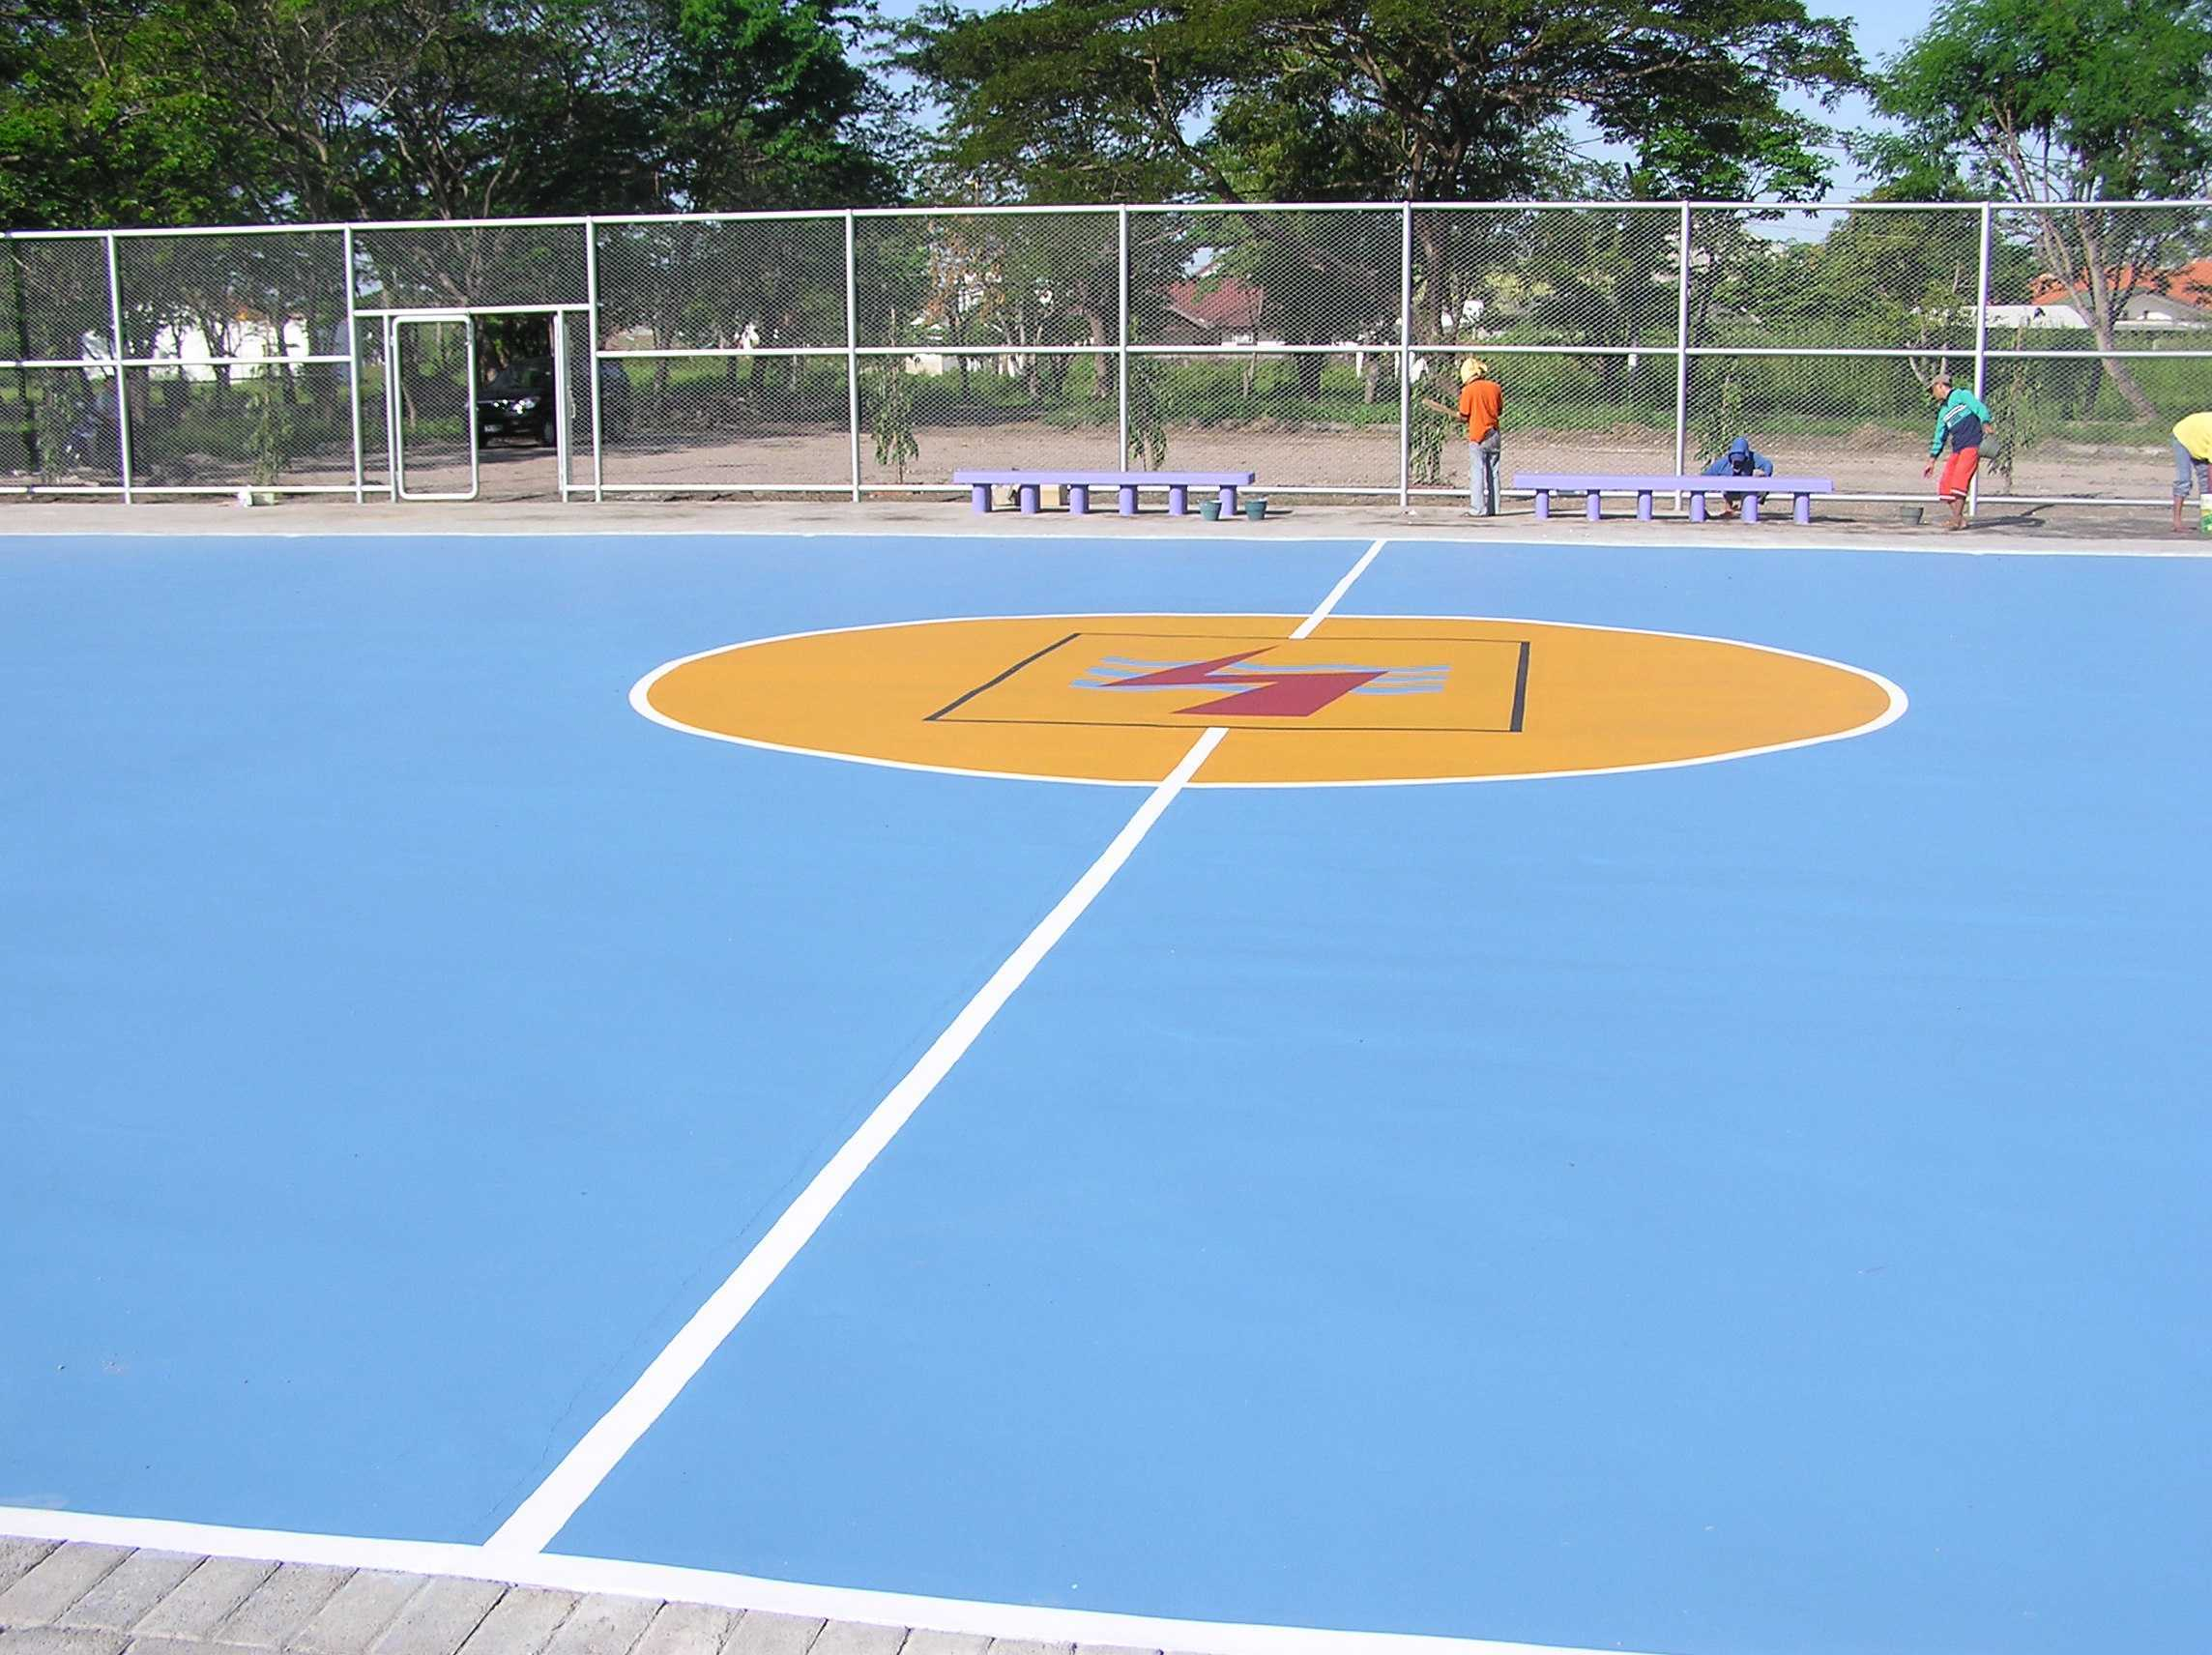 Ega Cipta Pratama Lapangan Futsal Its Kota Sby, Jawa Timur, Indonesia Kota Sby, Jawa Timur, Indonesia Ega-Cipta-Pratama-Lapangan-Futsal-Its   55441